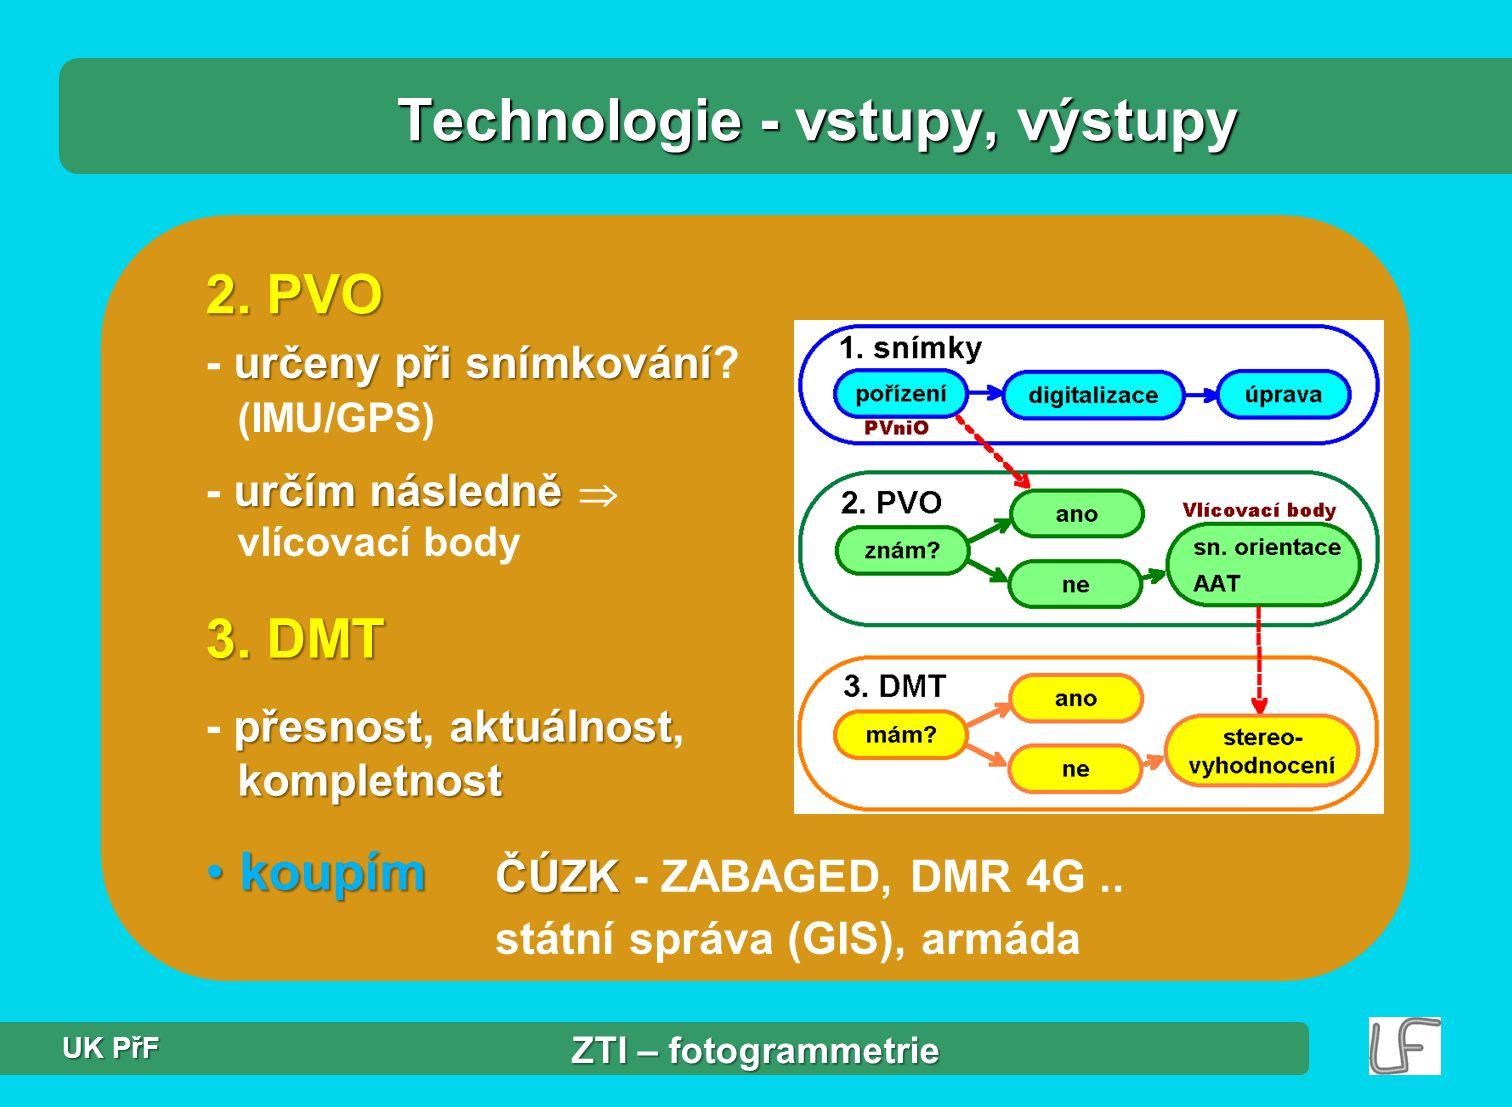 3. DMT přesnostaktuálnost kompletnost - přesnost, aktuálnost, kompletnost koupím koupím Technologie - vstupy, výstupy 2. PVO určeny při snímkování - u